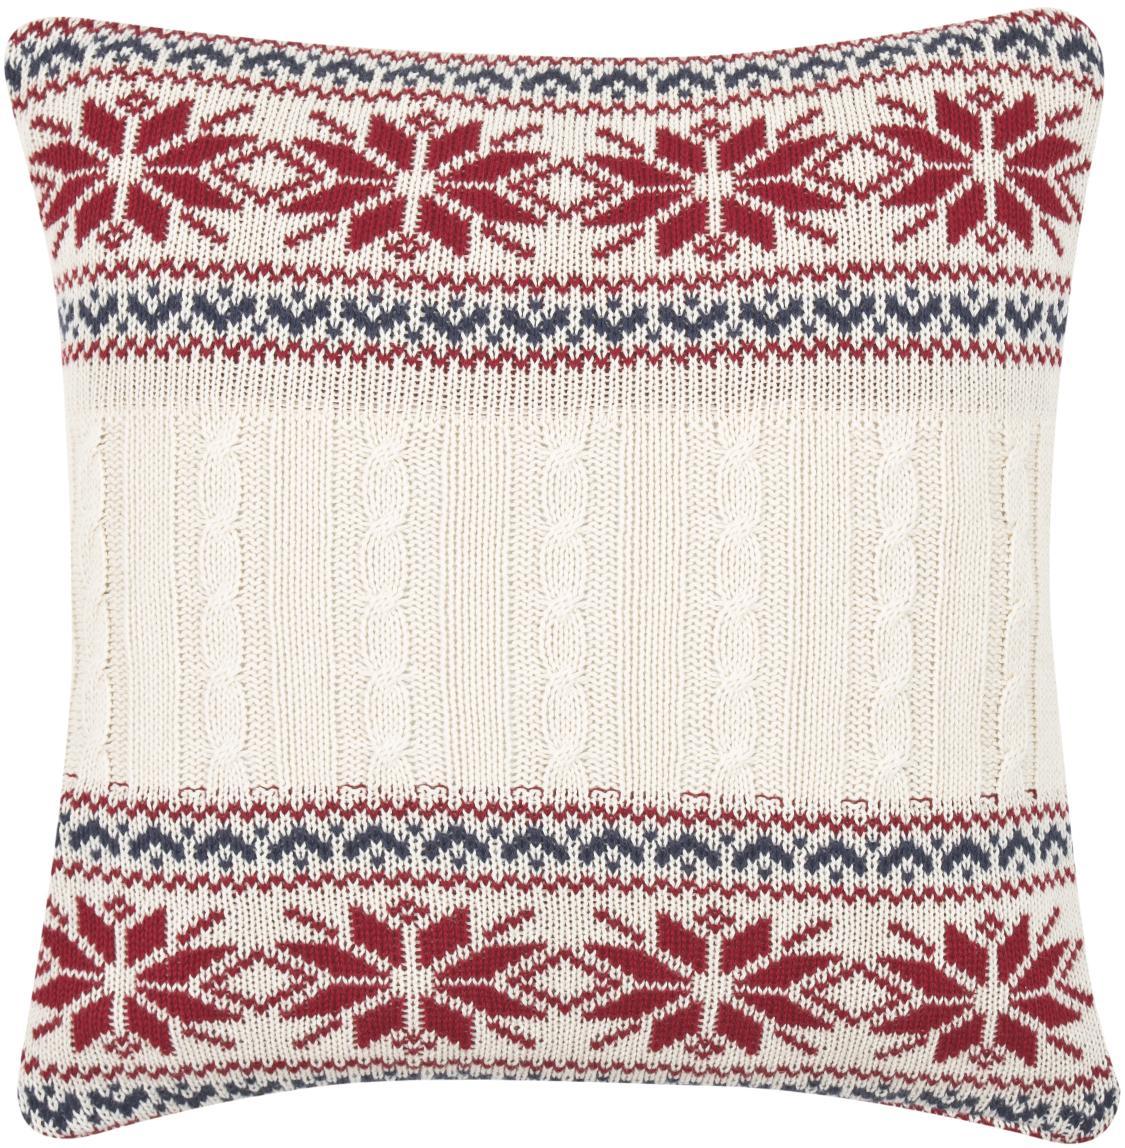 Federa arredo lavorata a maglia Flemming, Cotone, Crema, rosso, blu scuro, Larg. 40 x Lung. 40 cm